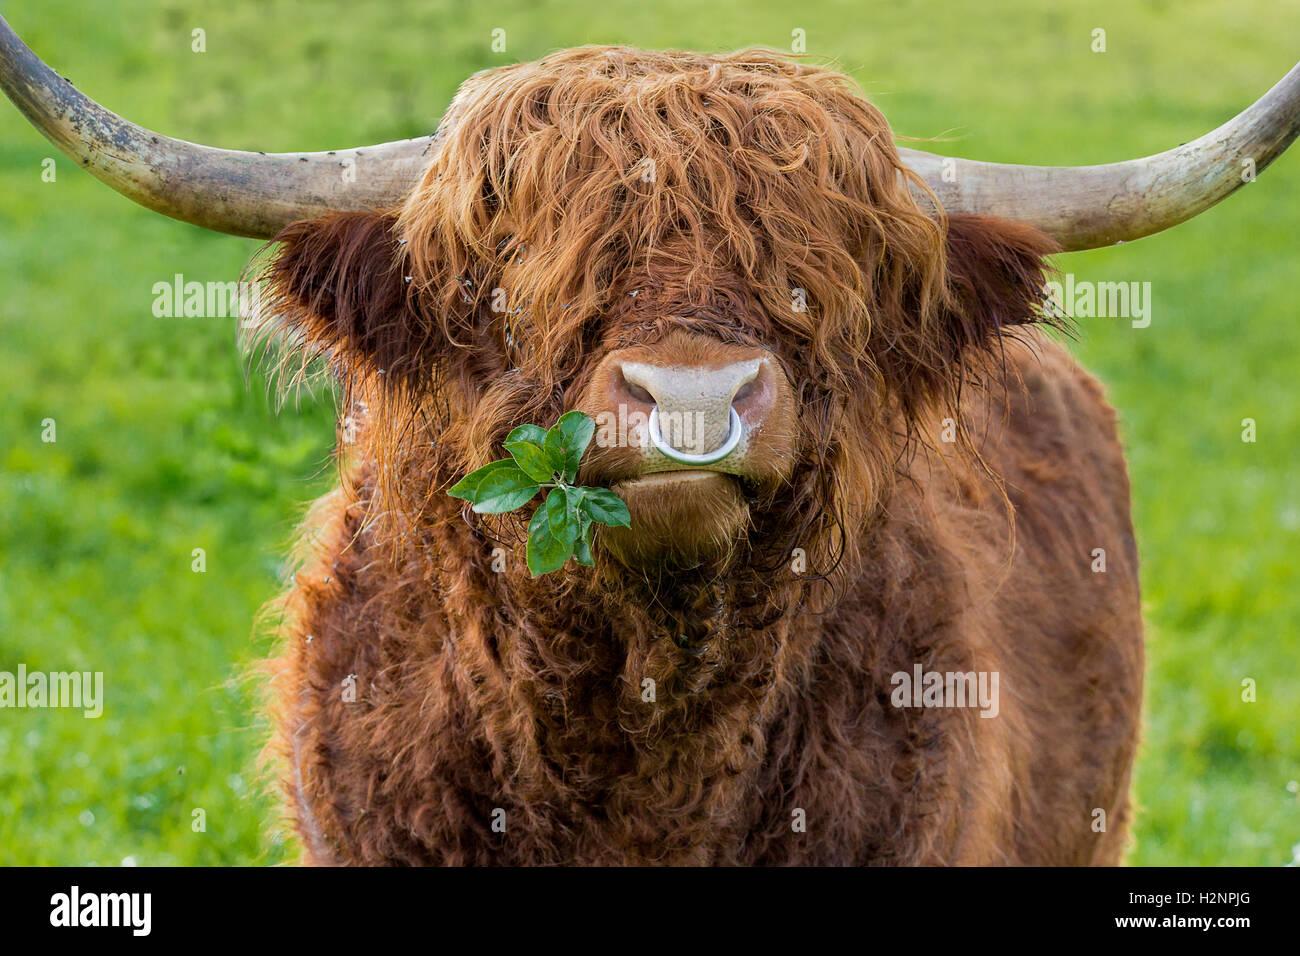 Versione non filtrata di foglie da masticare bovini highland bull con ferro naso anello su un prato verde. Immagini Stock